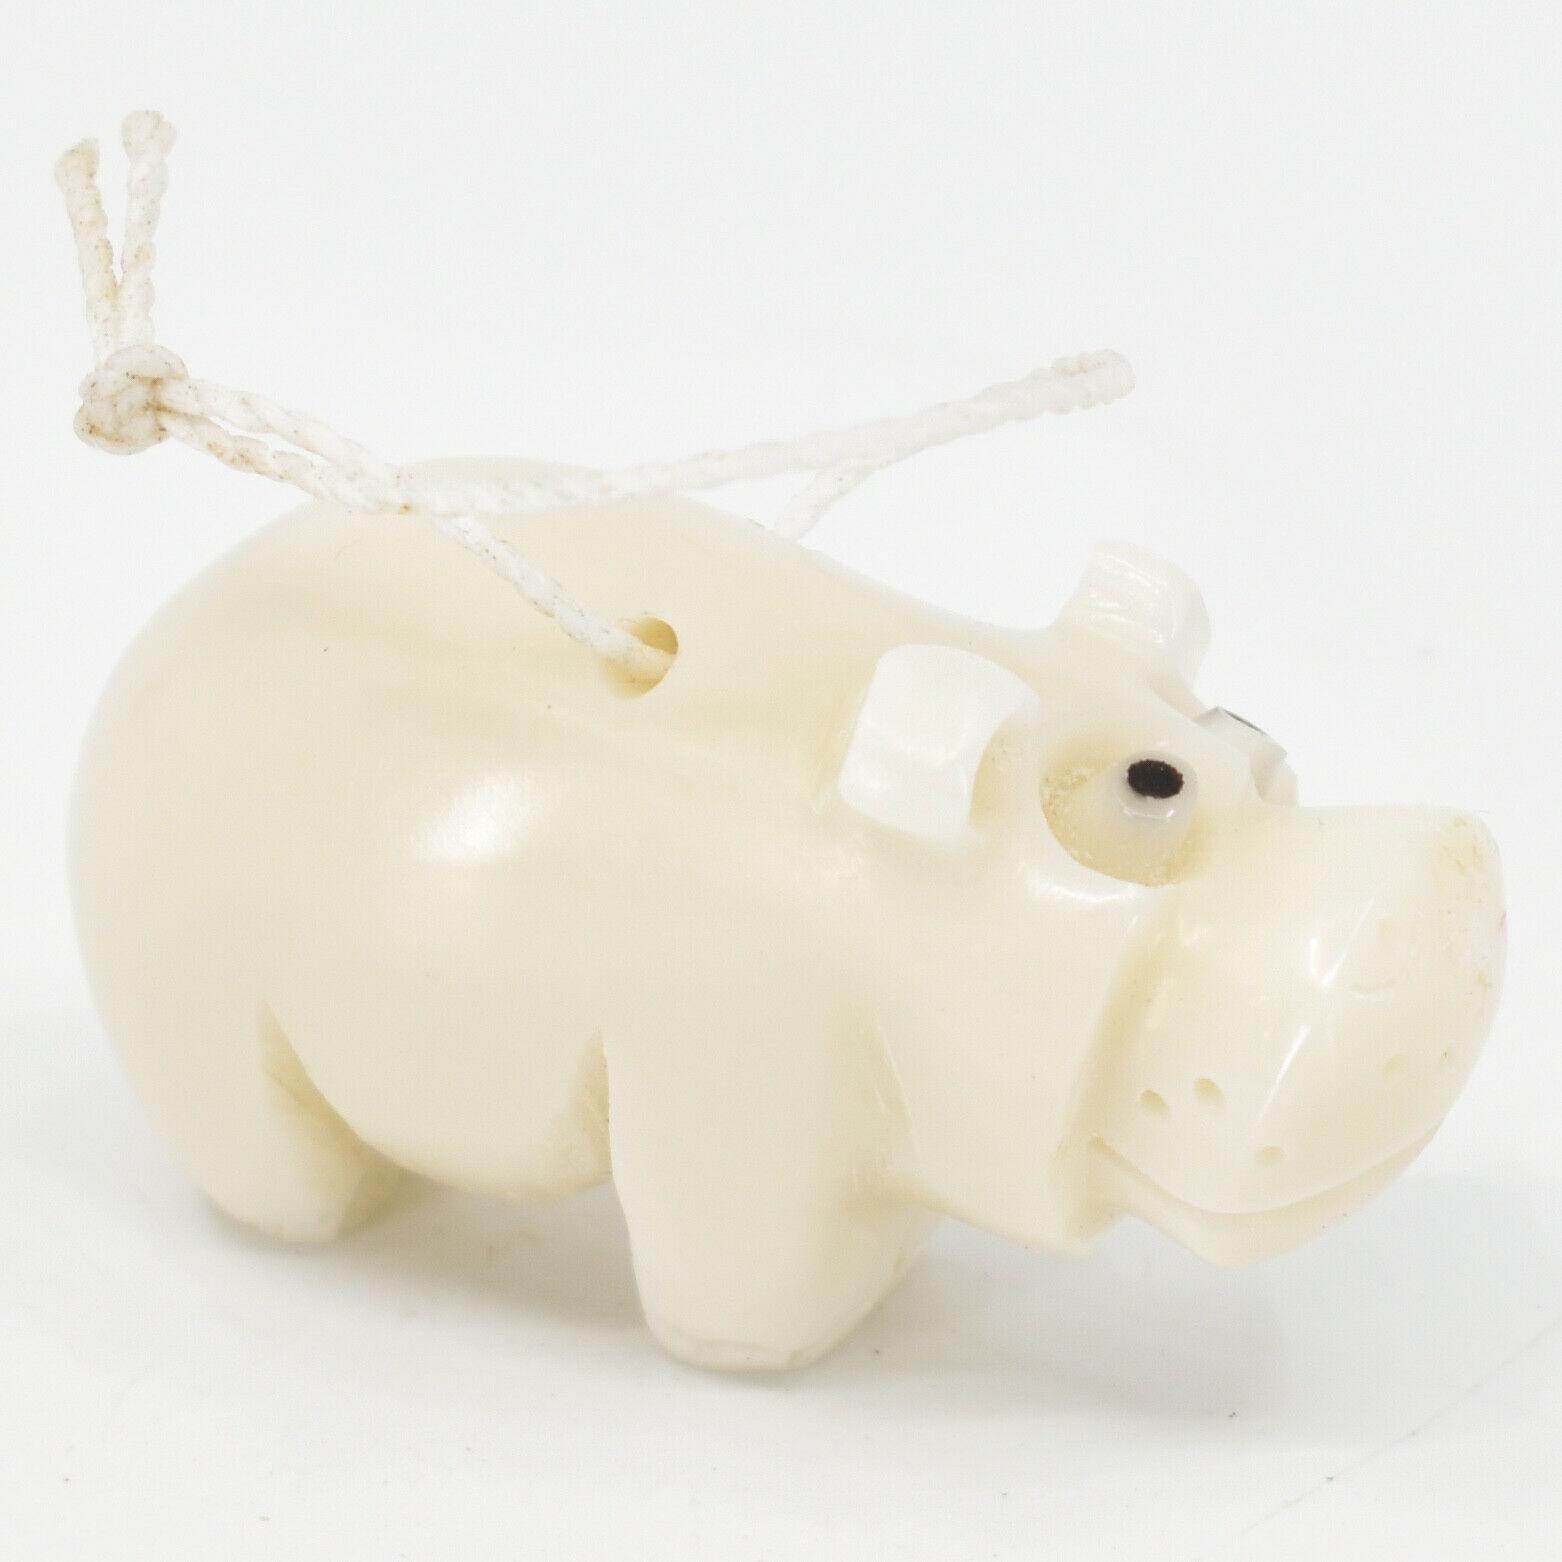 Hand Carved Tagua Nut Carving Small Hippo Hippopotamus Ornament Handmade Ecuador